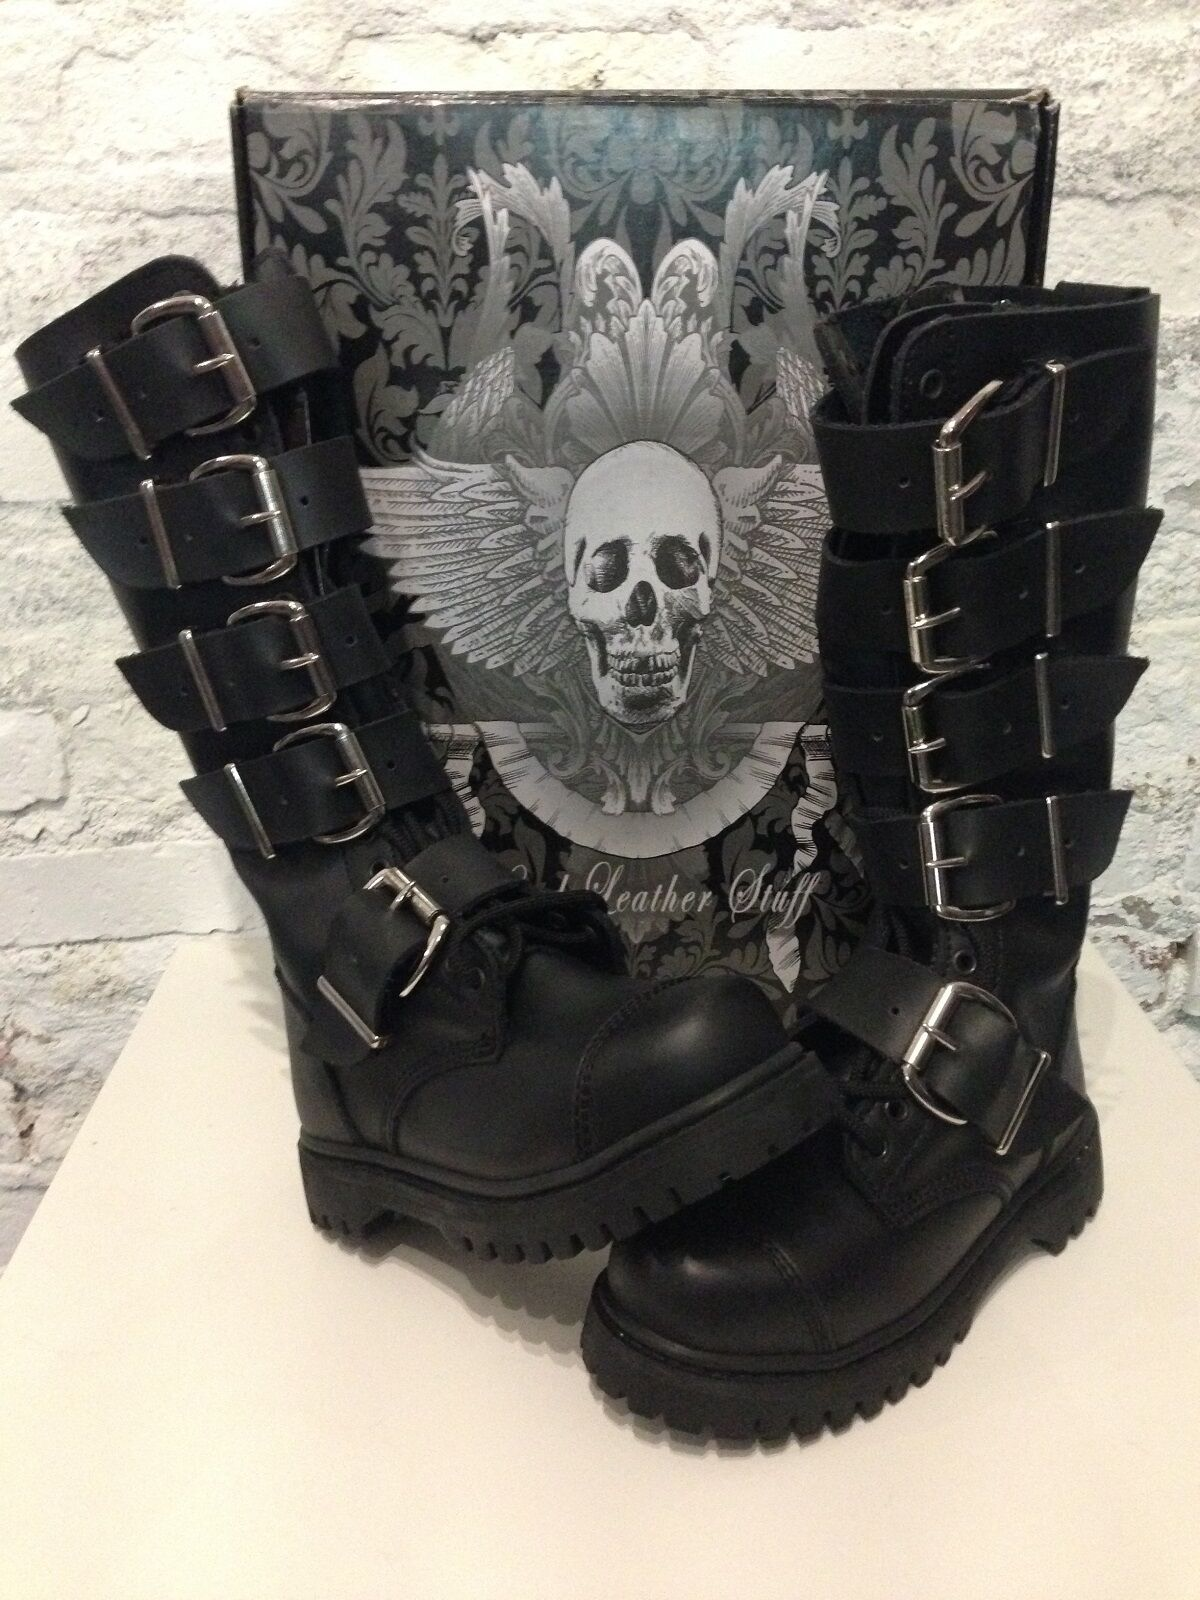 HLS botas - 20-agujero cuero Gothic botas con hebillas de 5 y tapa de acero